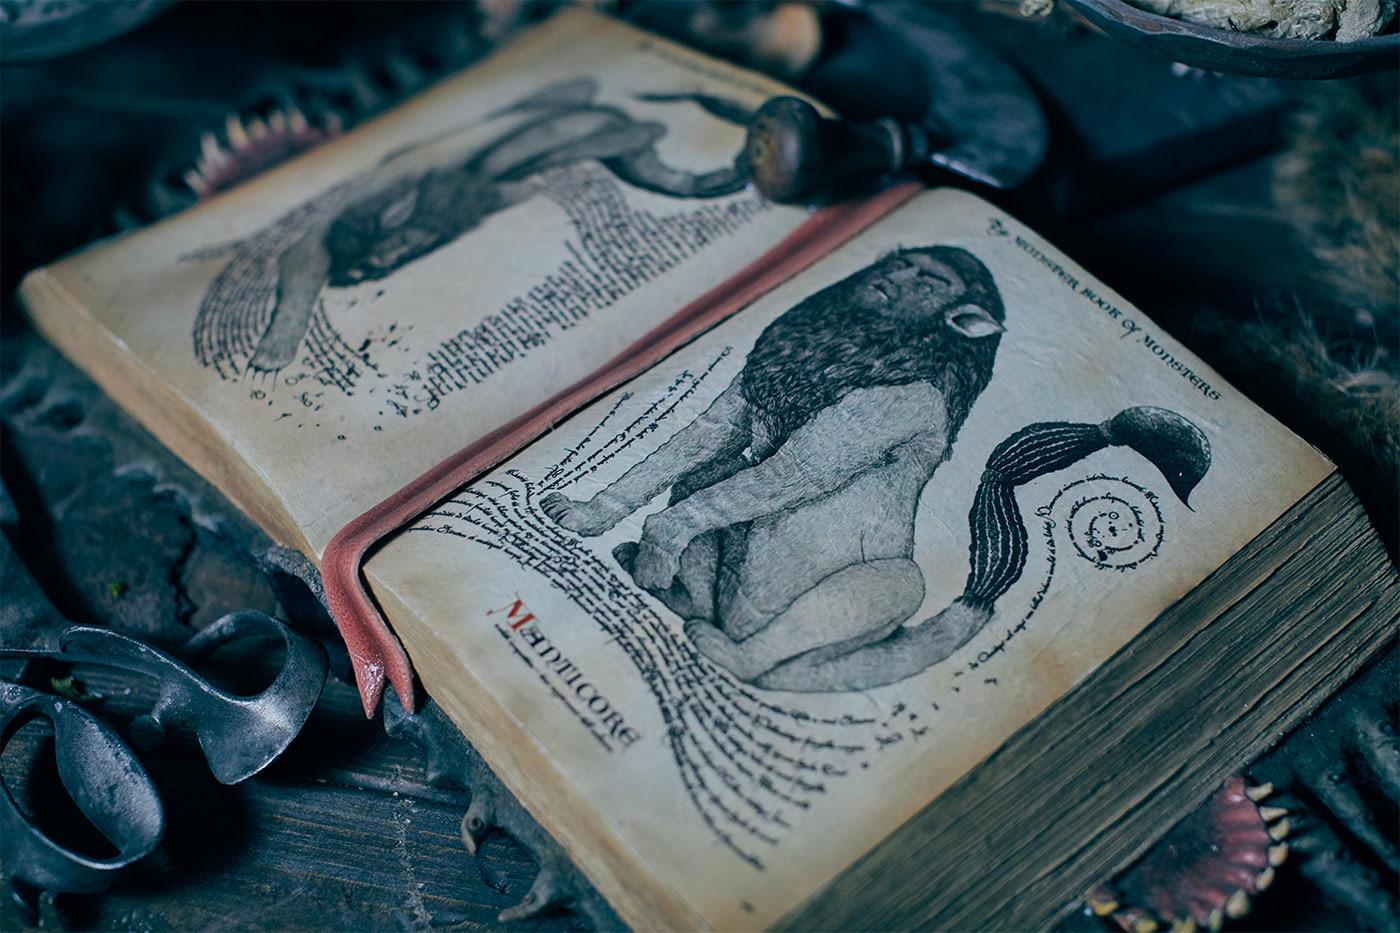 Manticore book (Hagrid's Magical Creatures Motorbike Adventure)